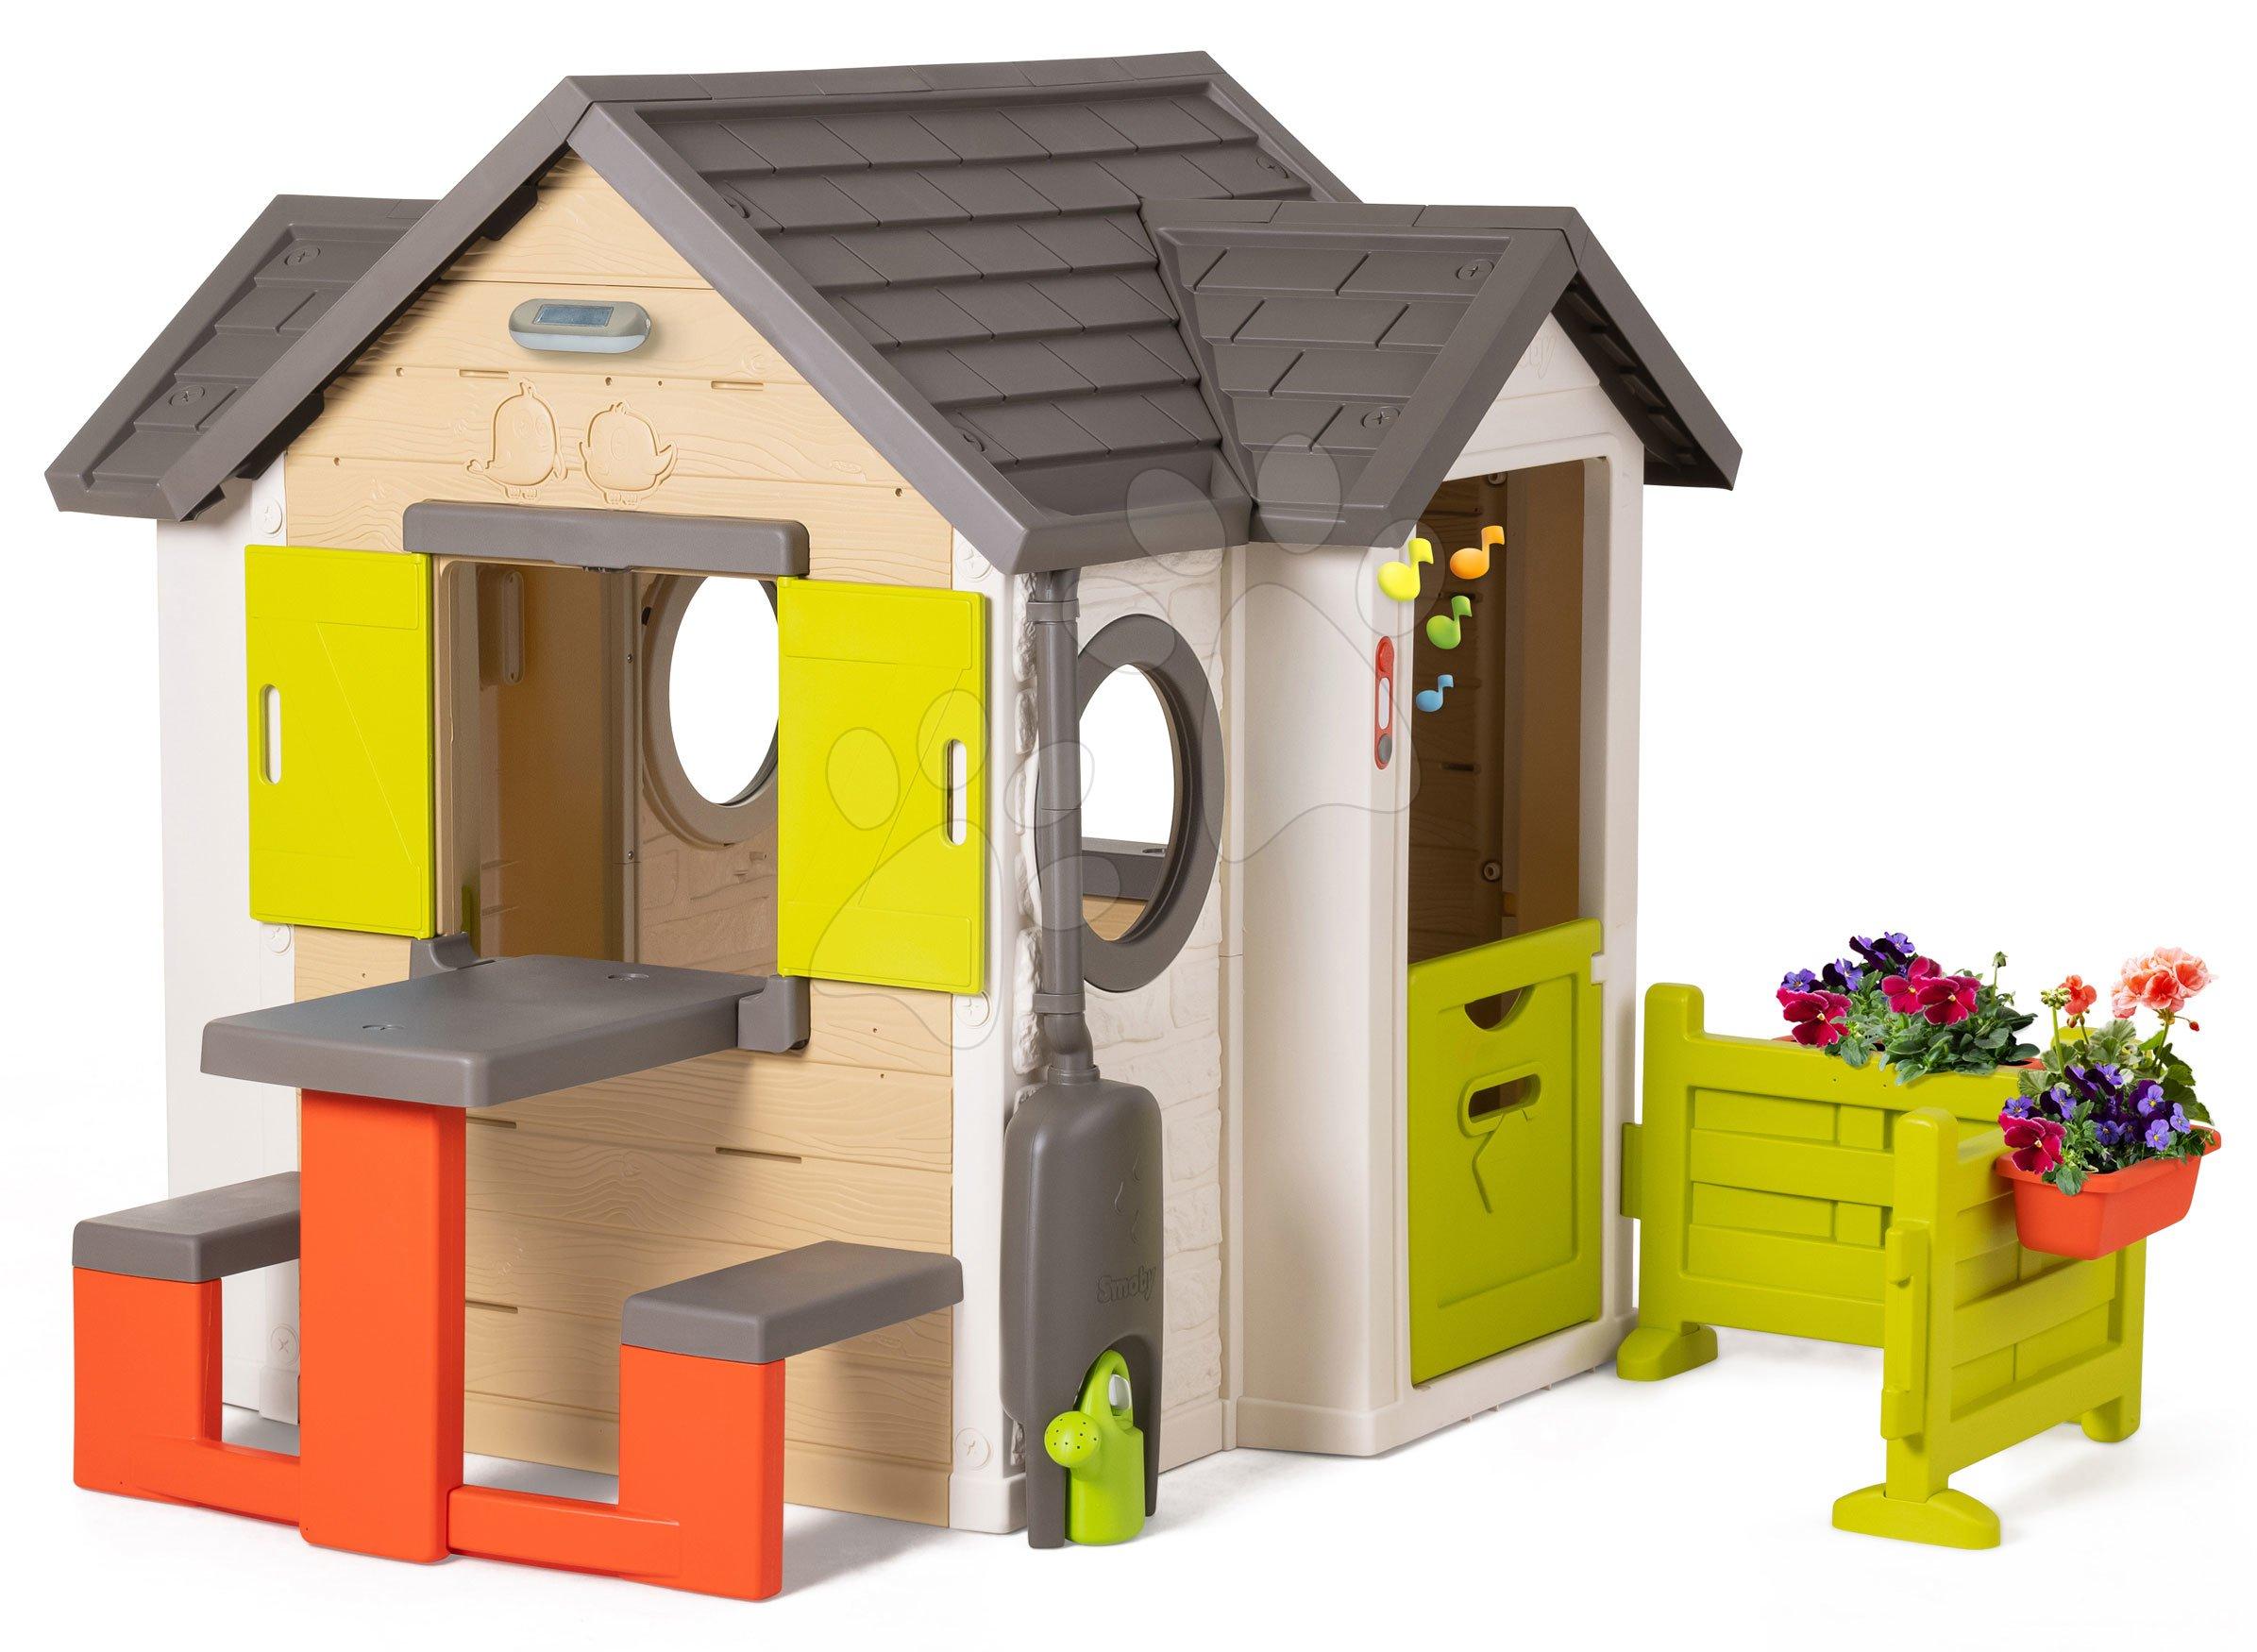 Domček prírodný My New House Smoby rozšíriteľný s lavicou na záhrade od 24 mes